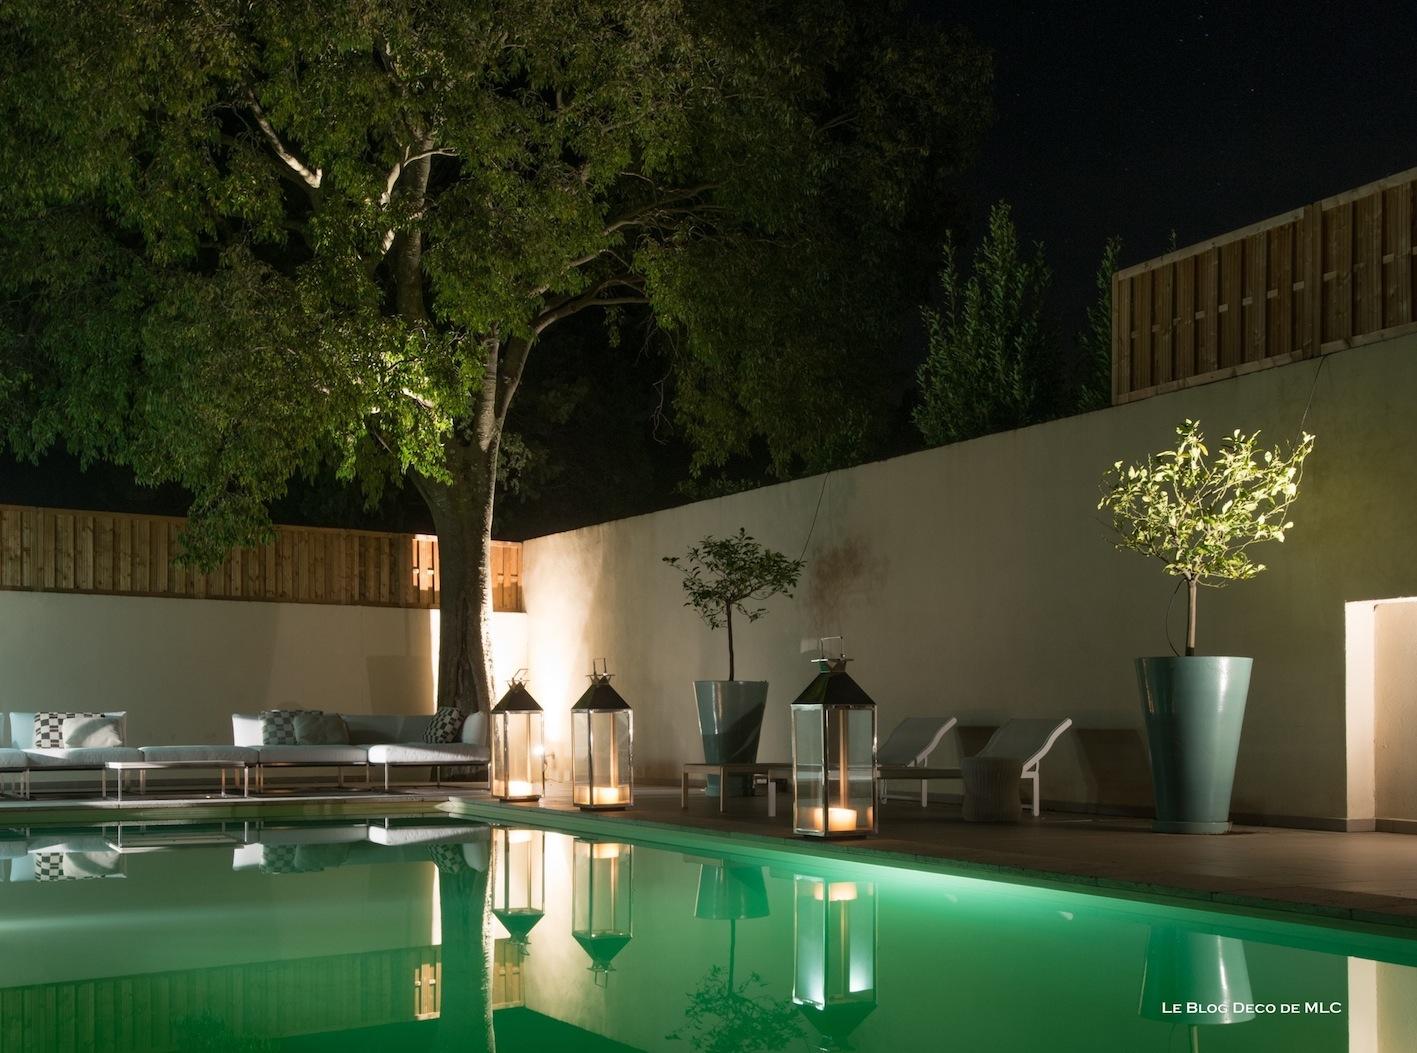 Eclairer la terrasse le soir avec des luminaires d co le for Luminaire exterieur spot